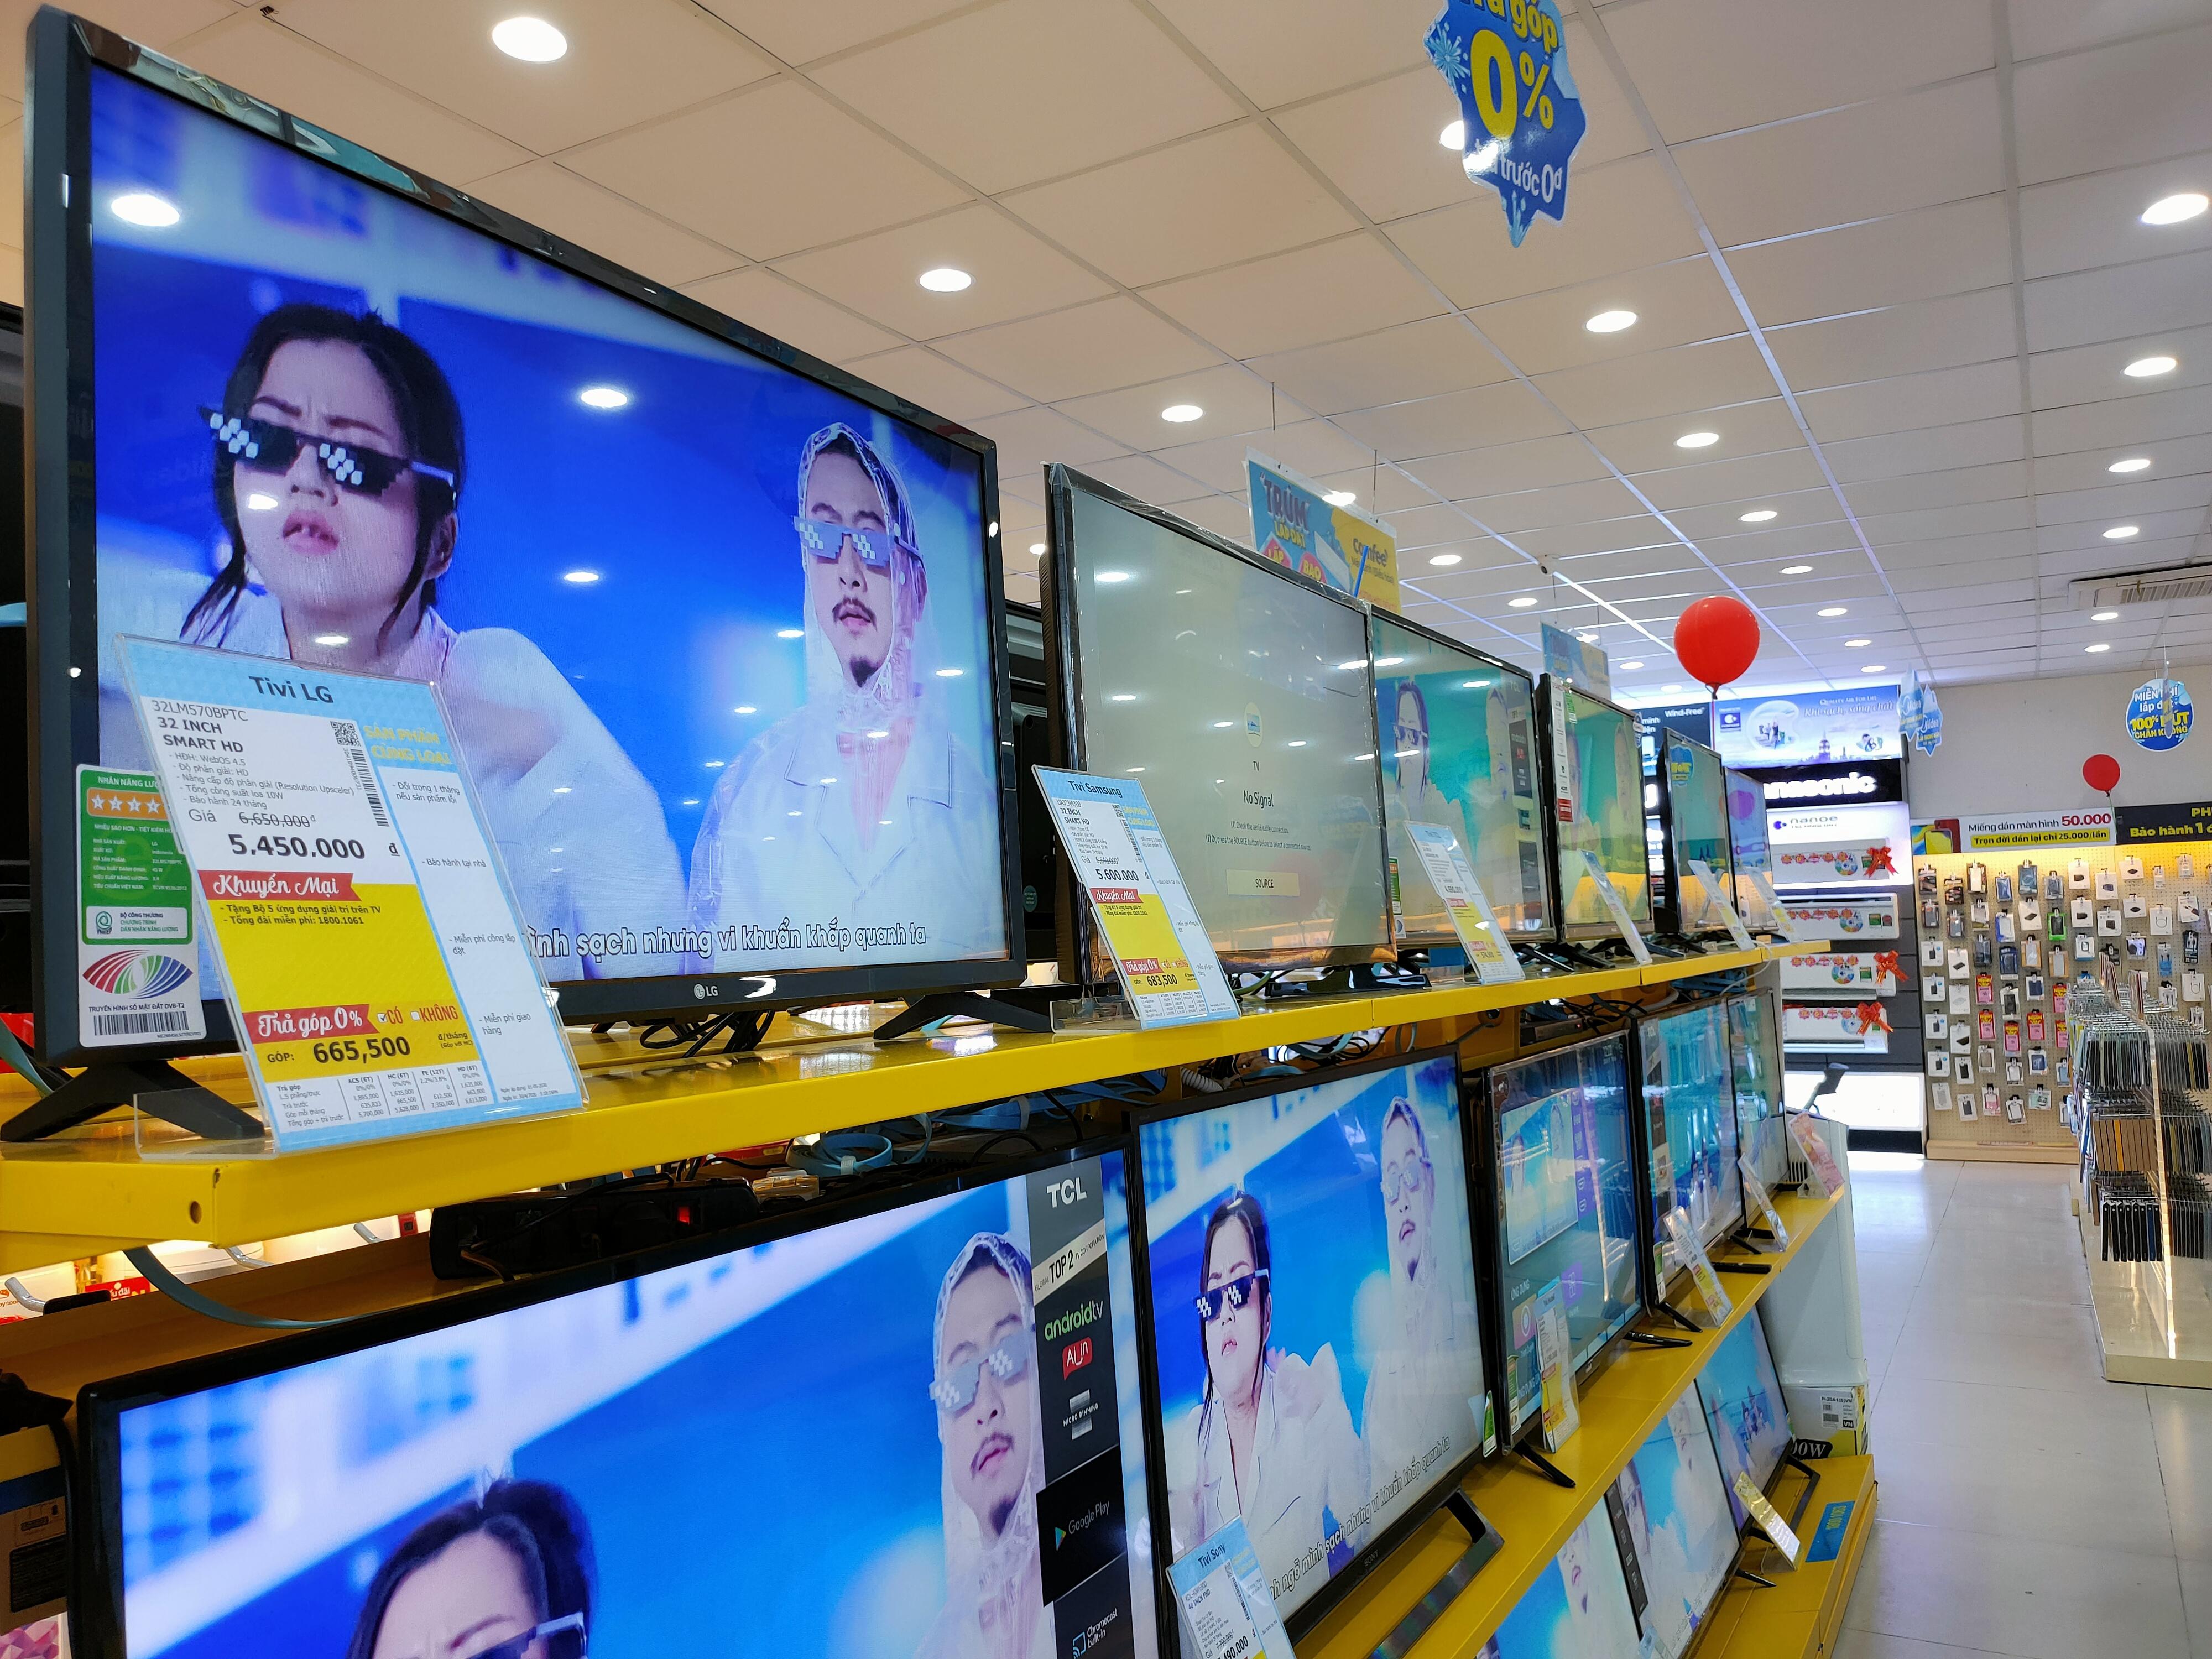 Nhiều sản phẩm tivi giảm giá sau đại dịch Covid-19 - Ảnh 1.